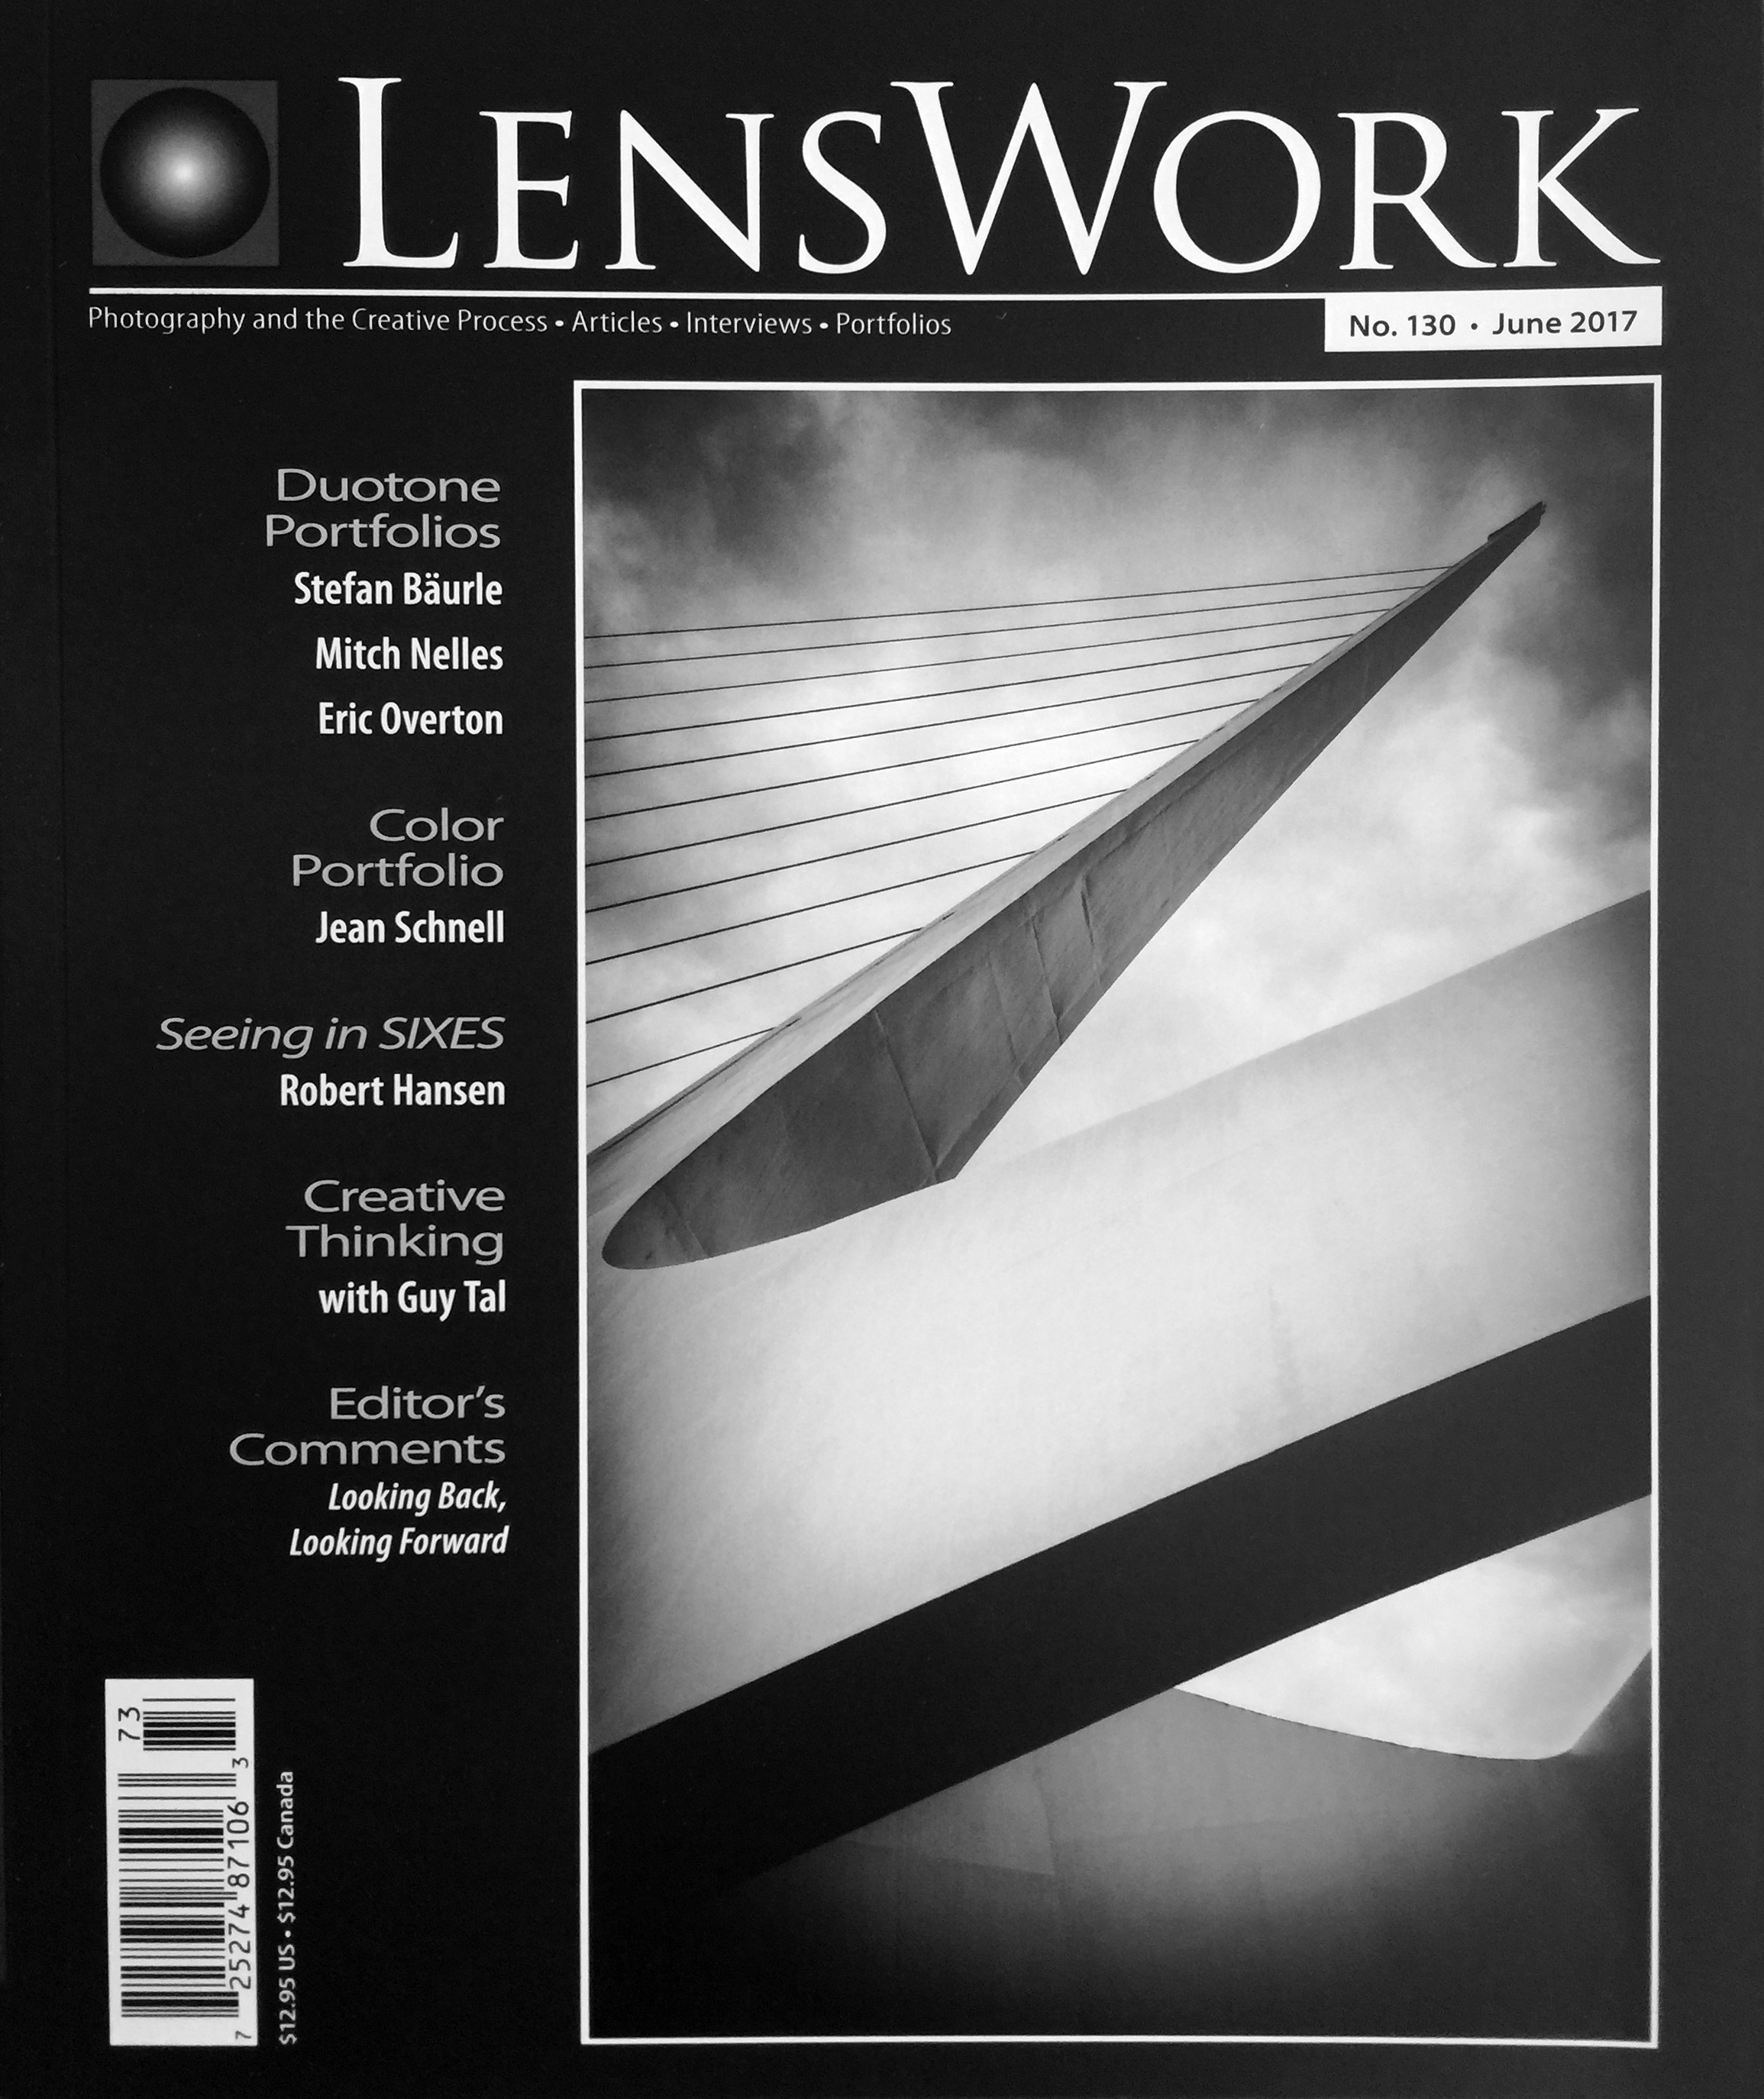 lenswork cover.jpg